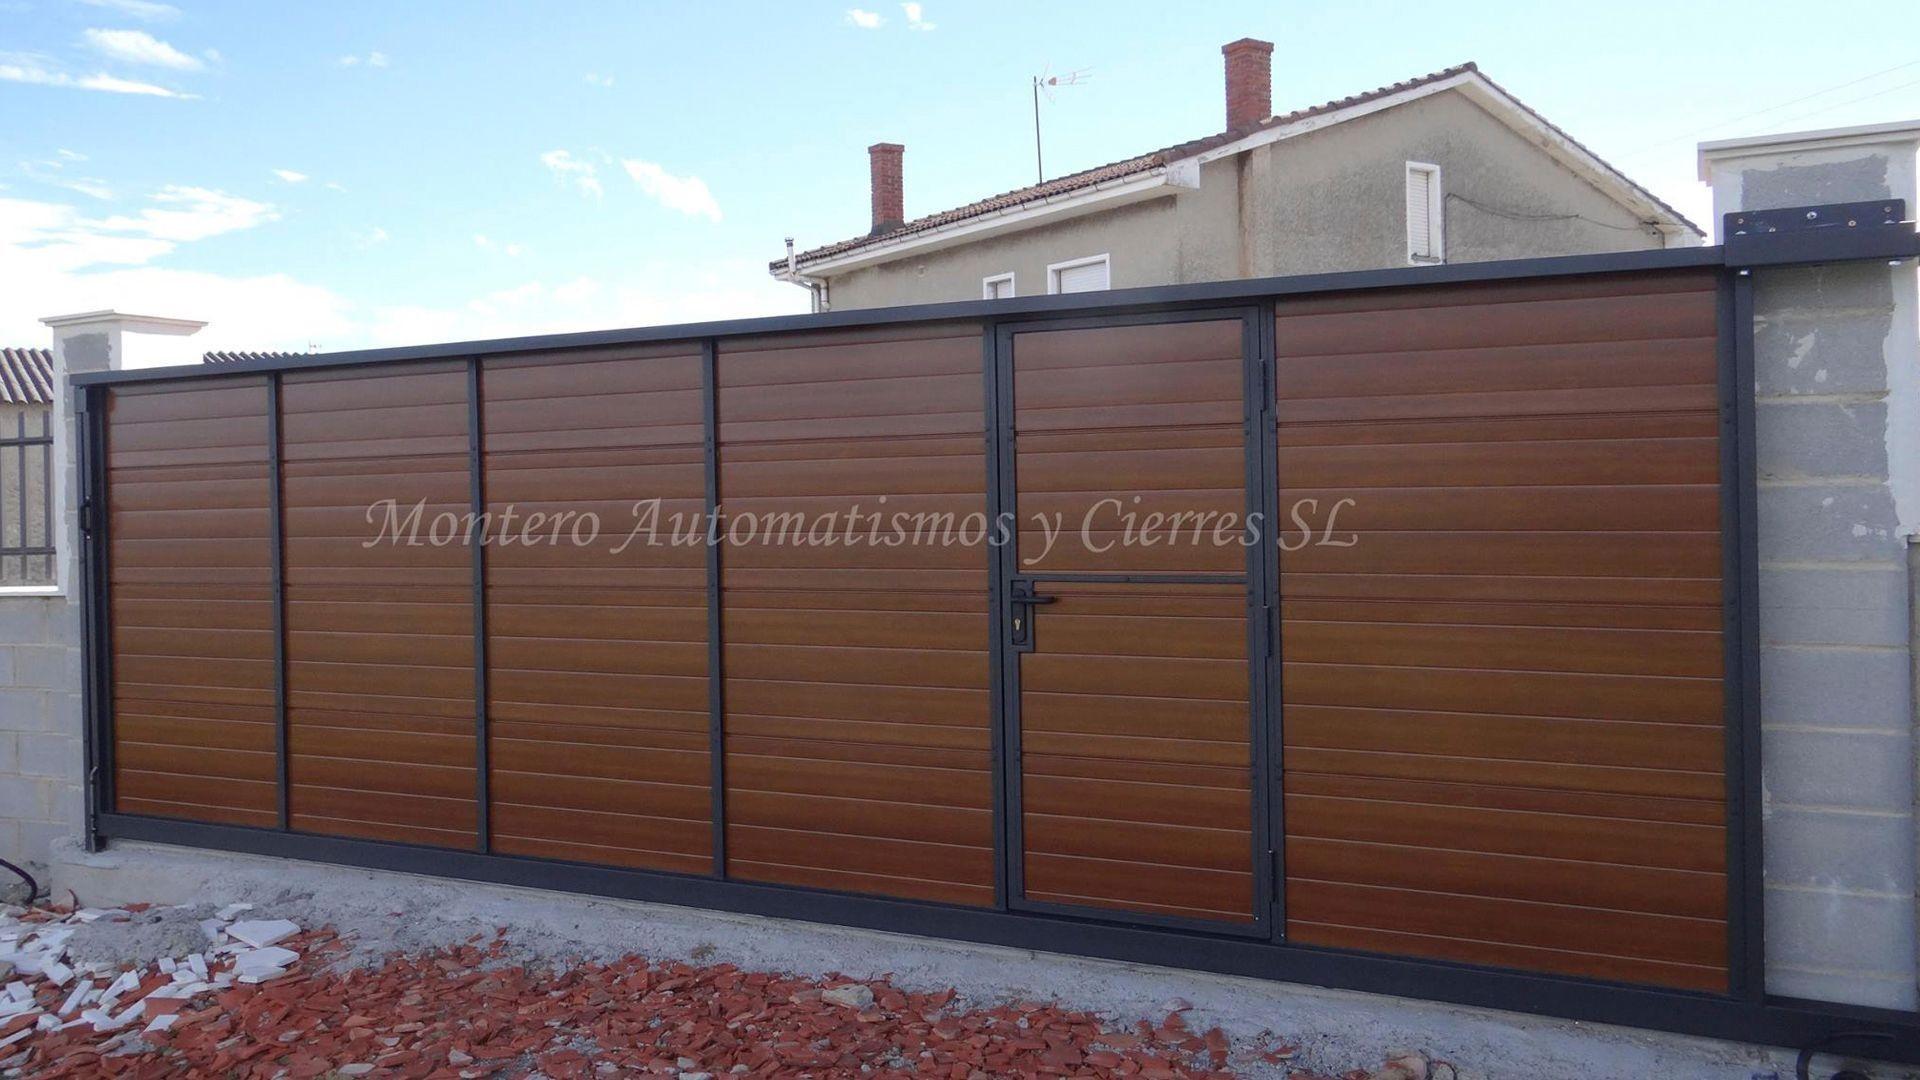 Reparación de puertas automáticas en Asturias